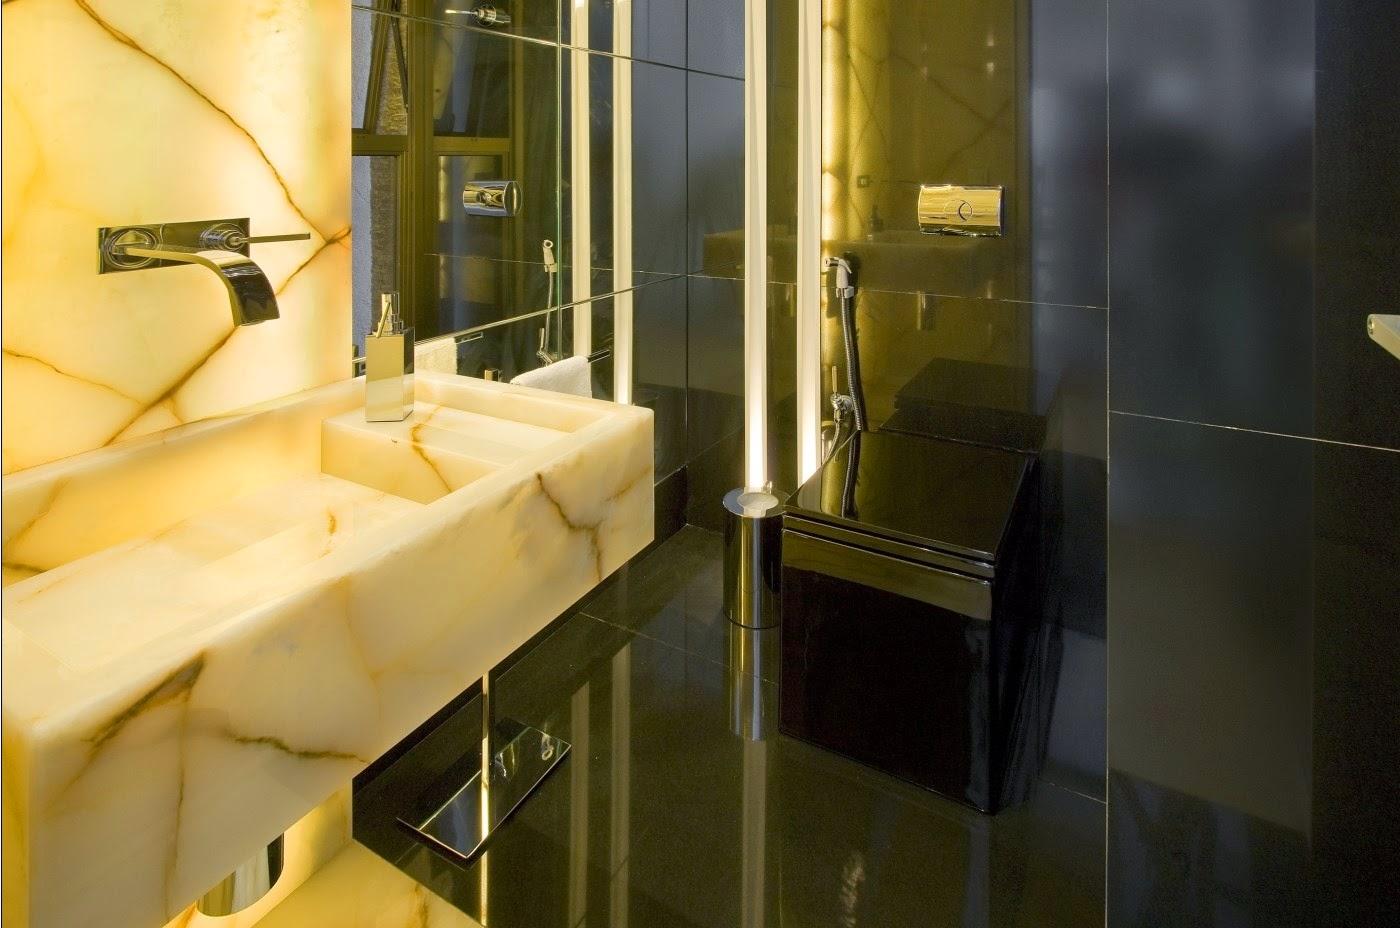 Imagens de #BB8810 Vasos sanitários quadrados veja banheiros e lavabos lindos com essa  1400x928 px 3692 Banheiros Quadrados Modernos